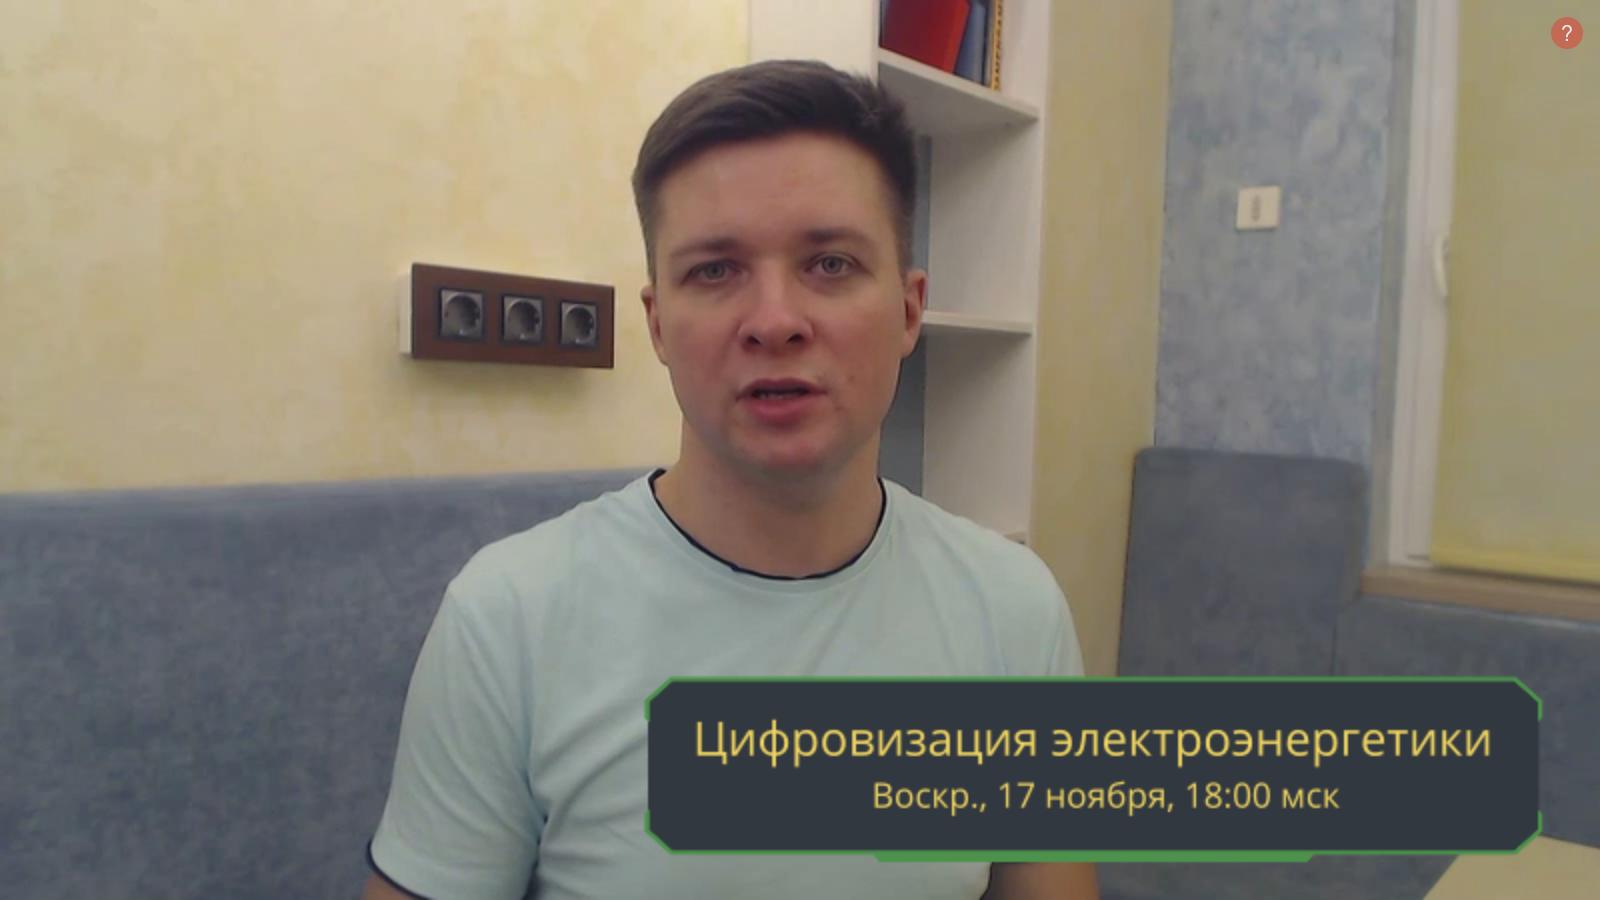 Стрим Дмитрия Василевского